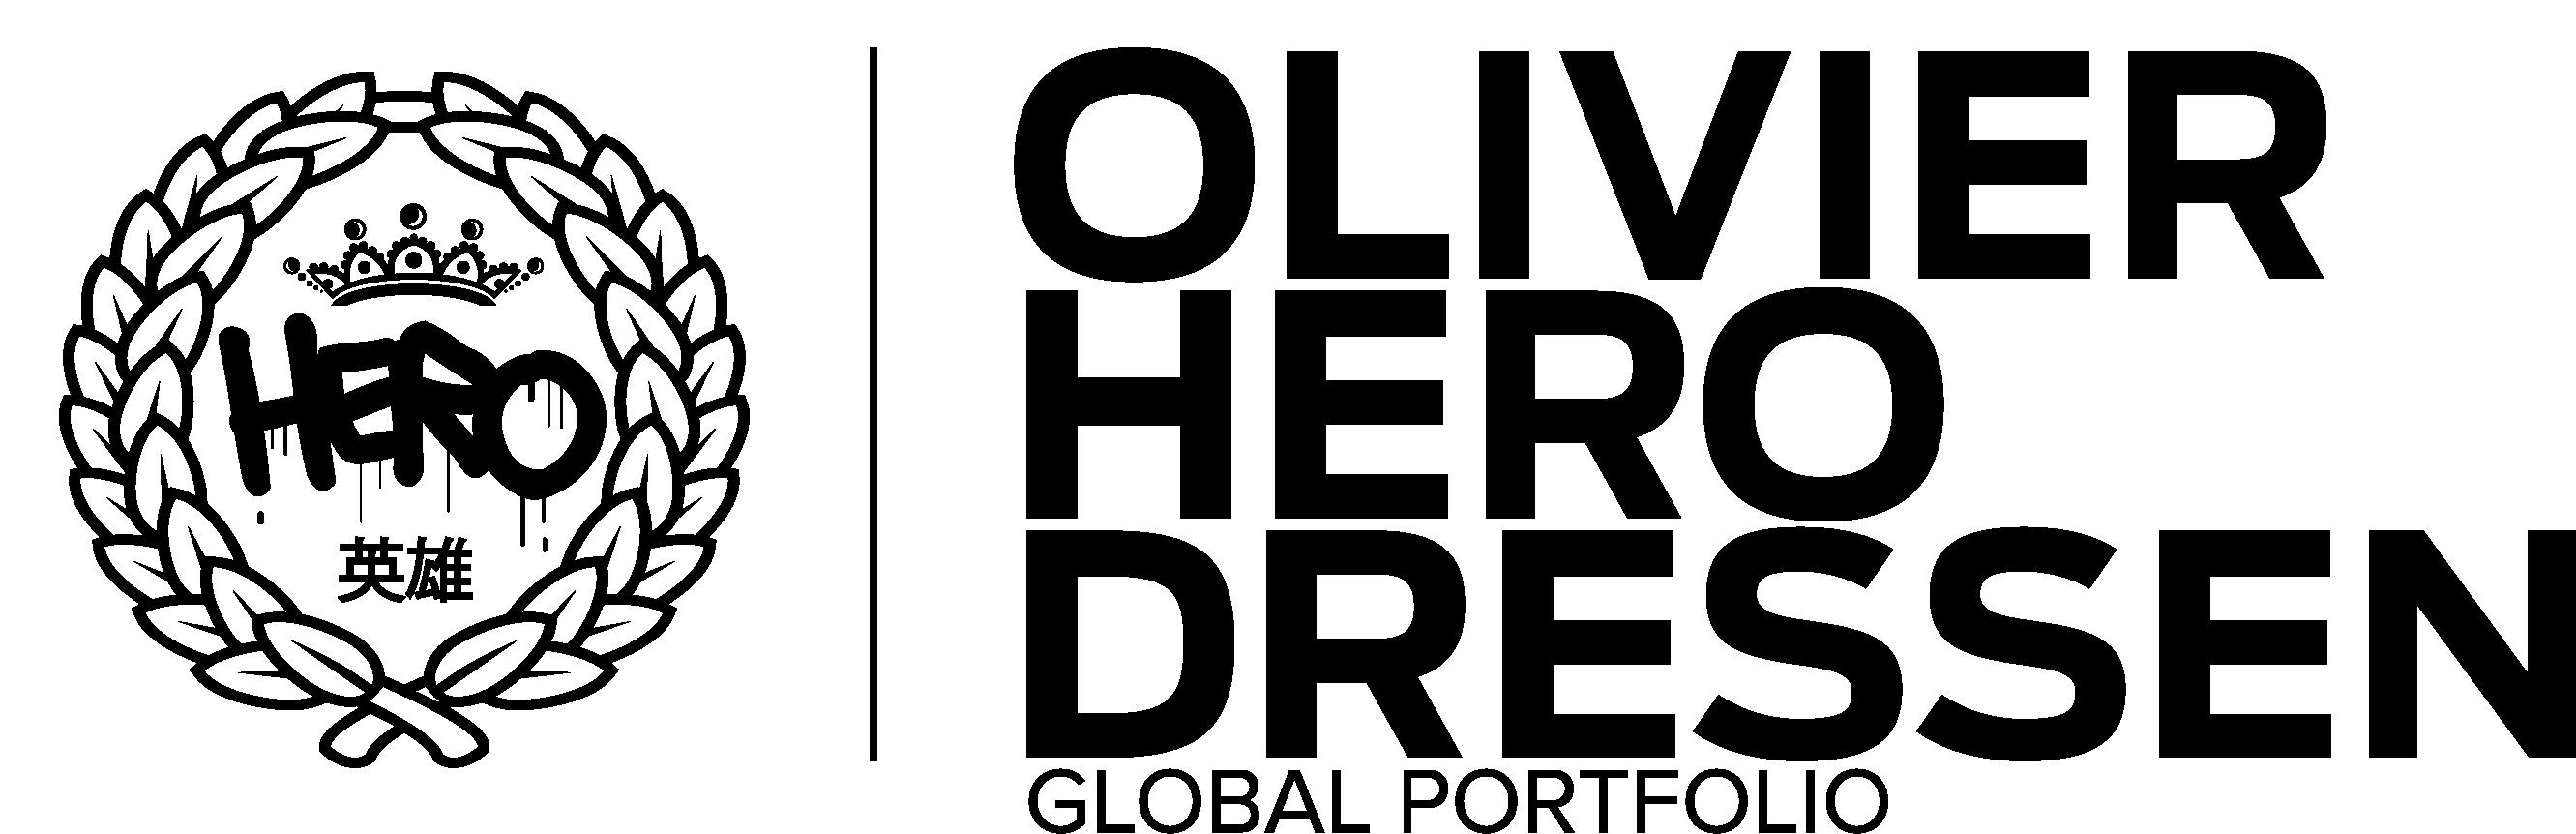 olivier dressen